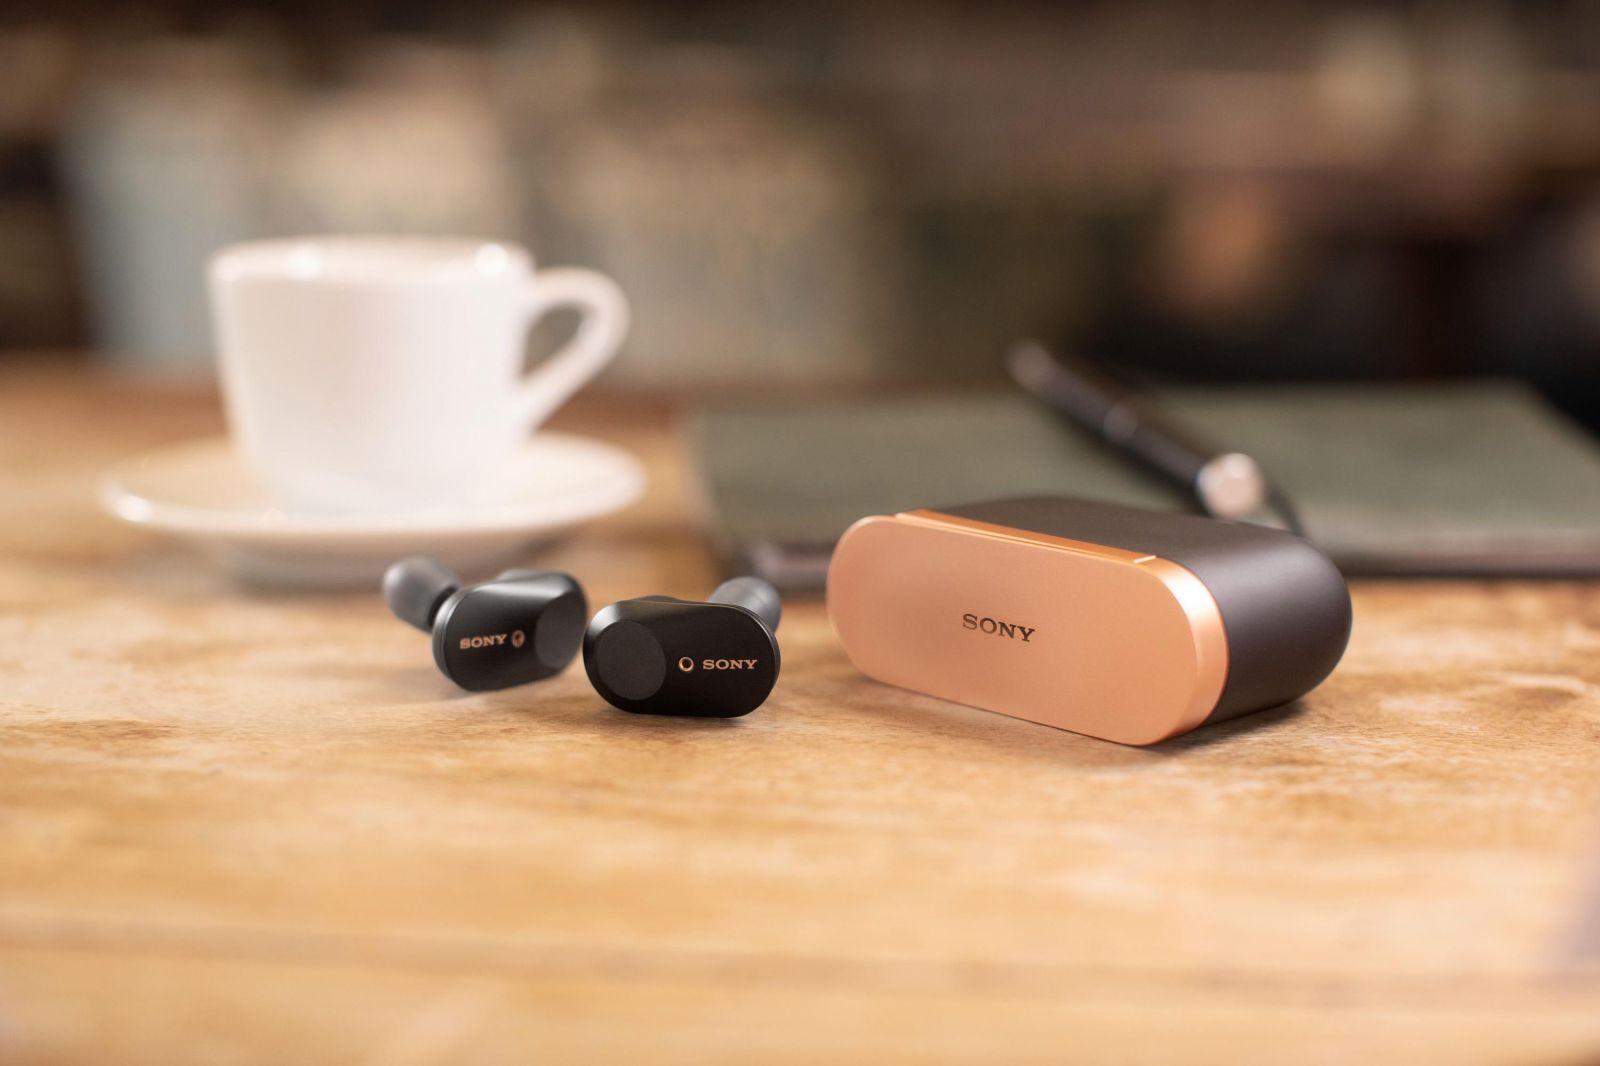 Zabudni na AirPods. Bezdrôtové slúchadlá od Sony prichádzajú s funkciami, ktoré nemajú ani tie od Apple